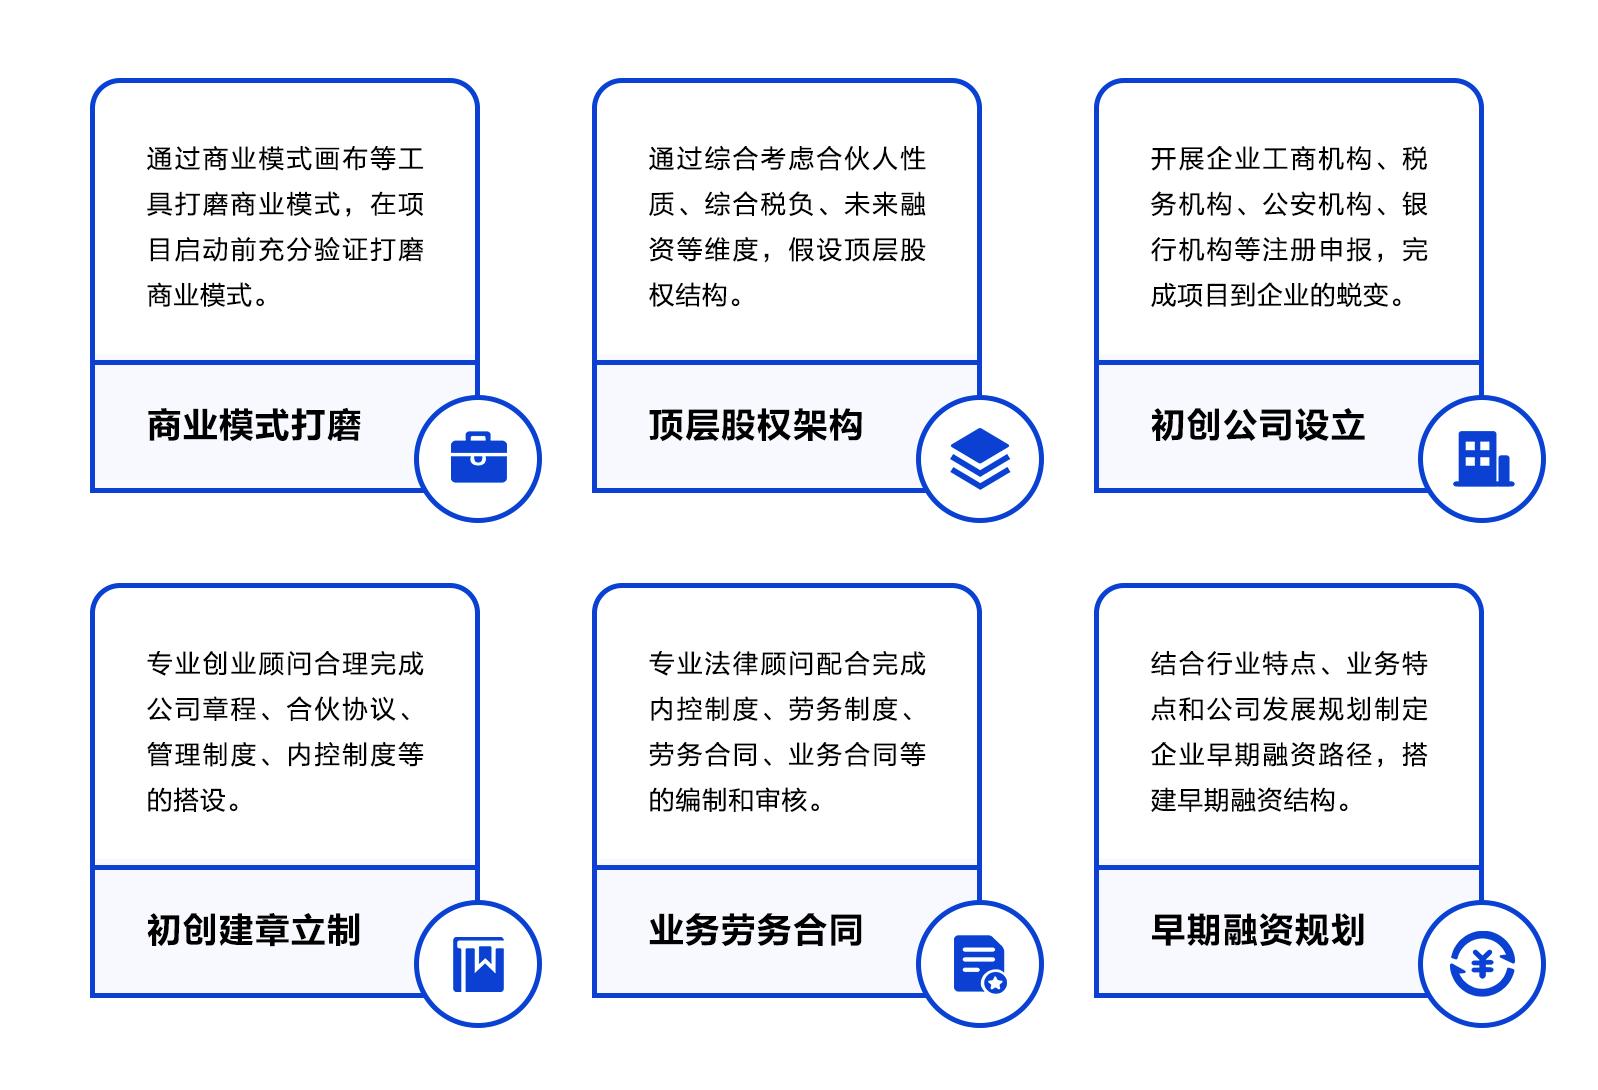 梧桐创客:注册制下的企业服务体系探索者